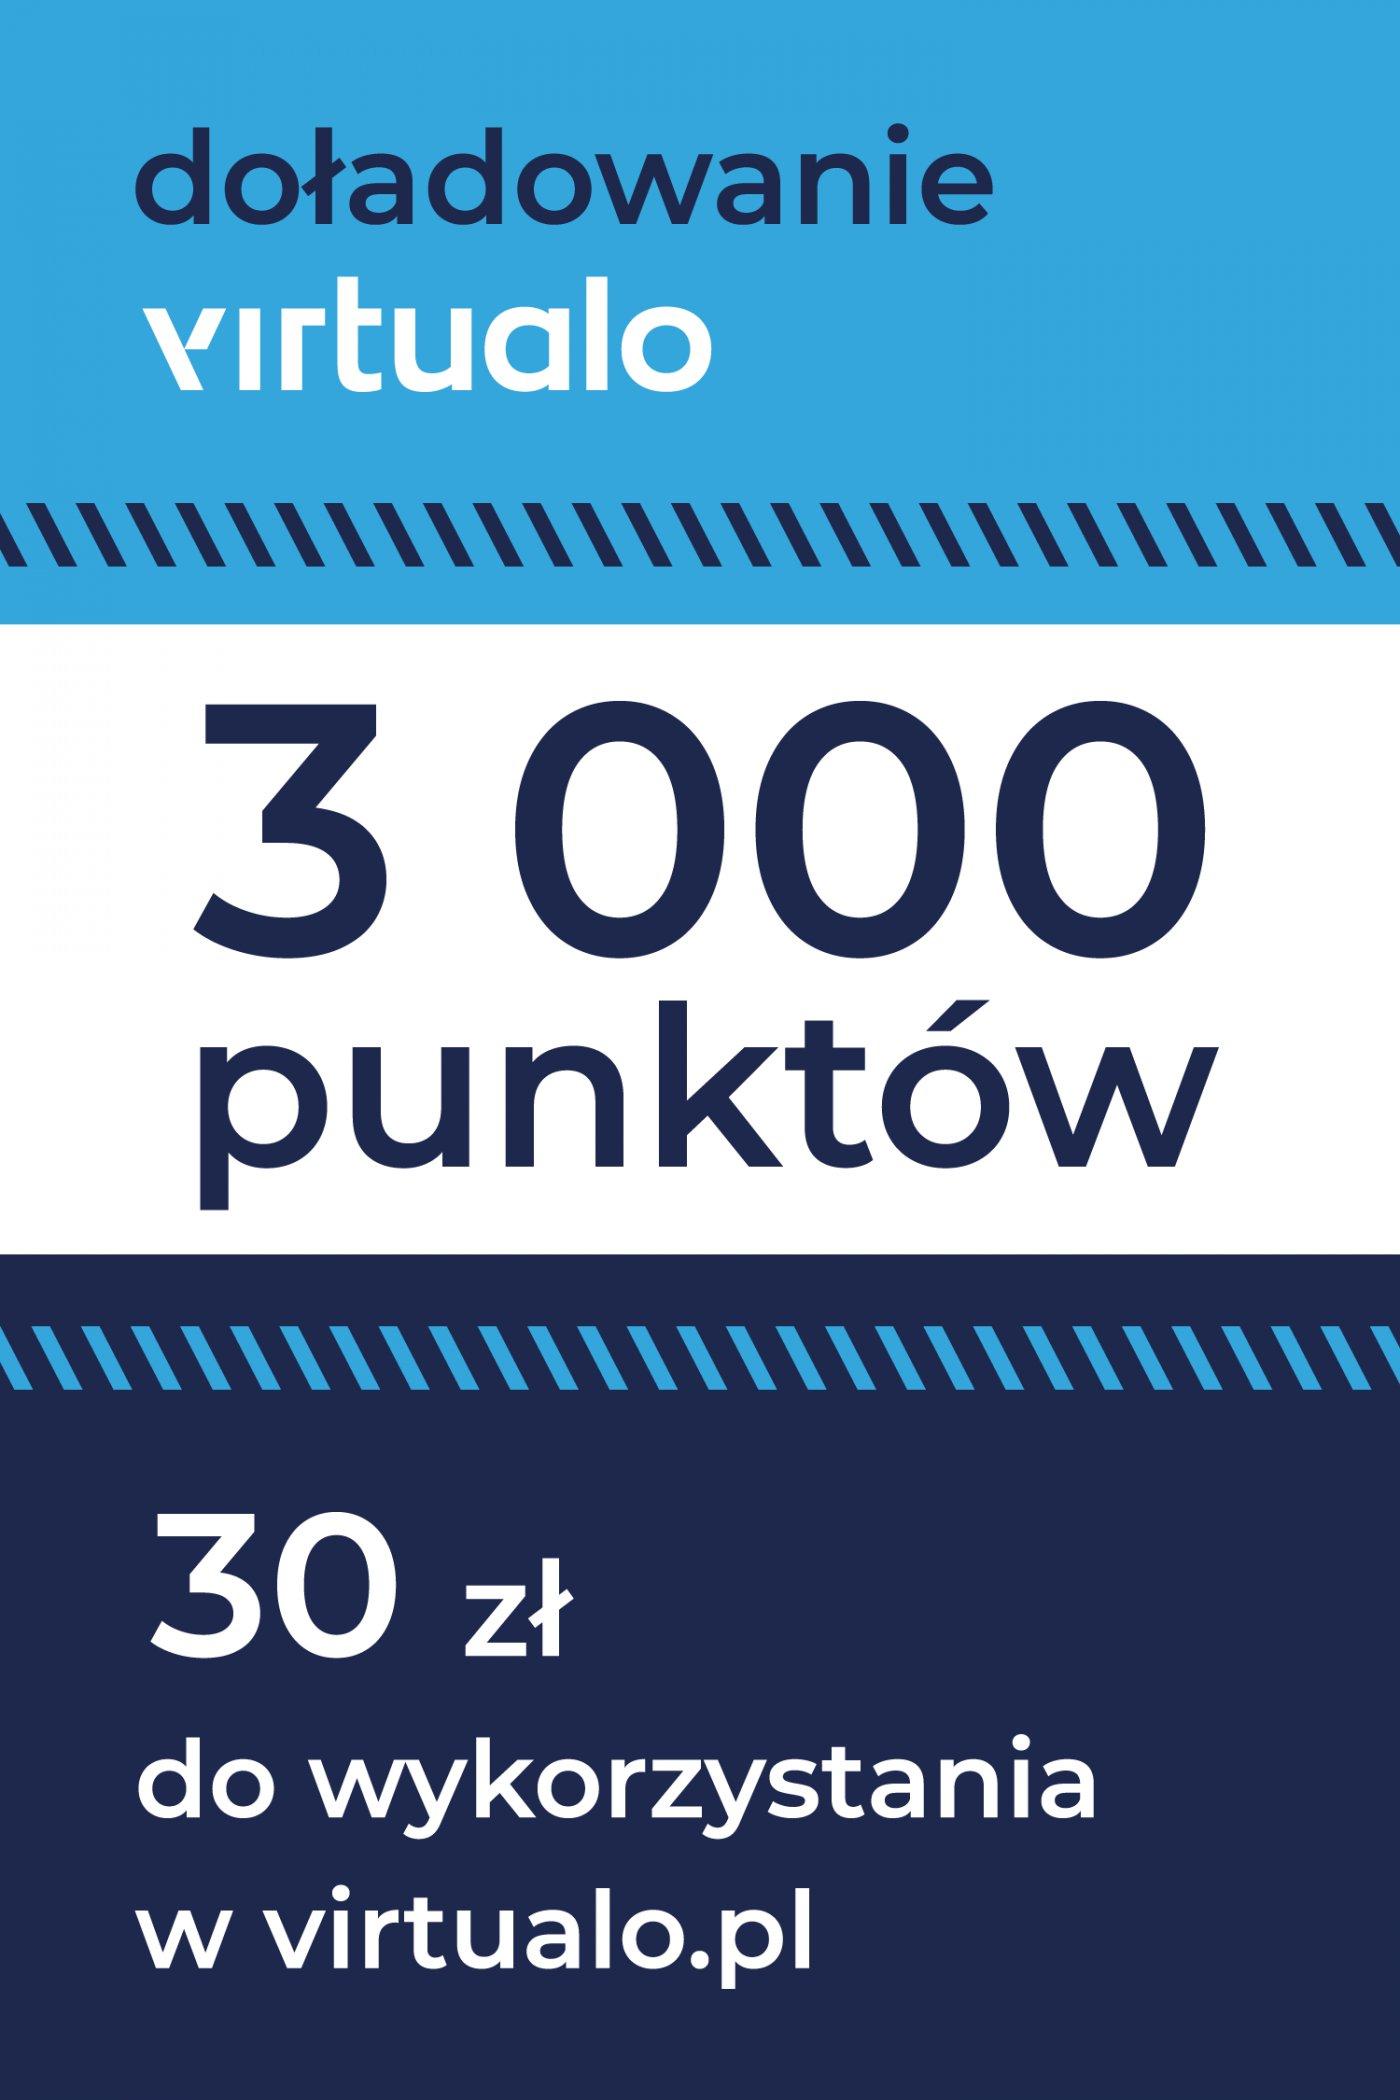 Doładowanie punktów Virtualo - 3000 punktów -